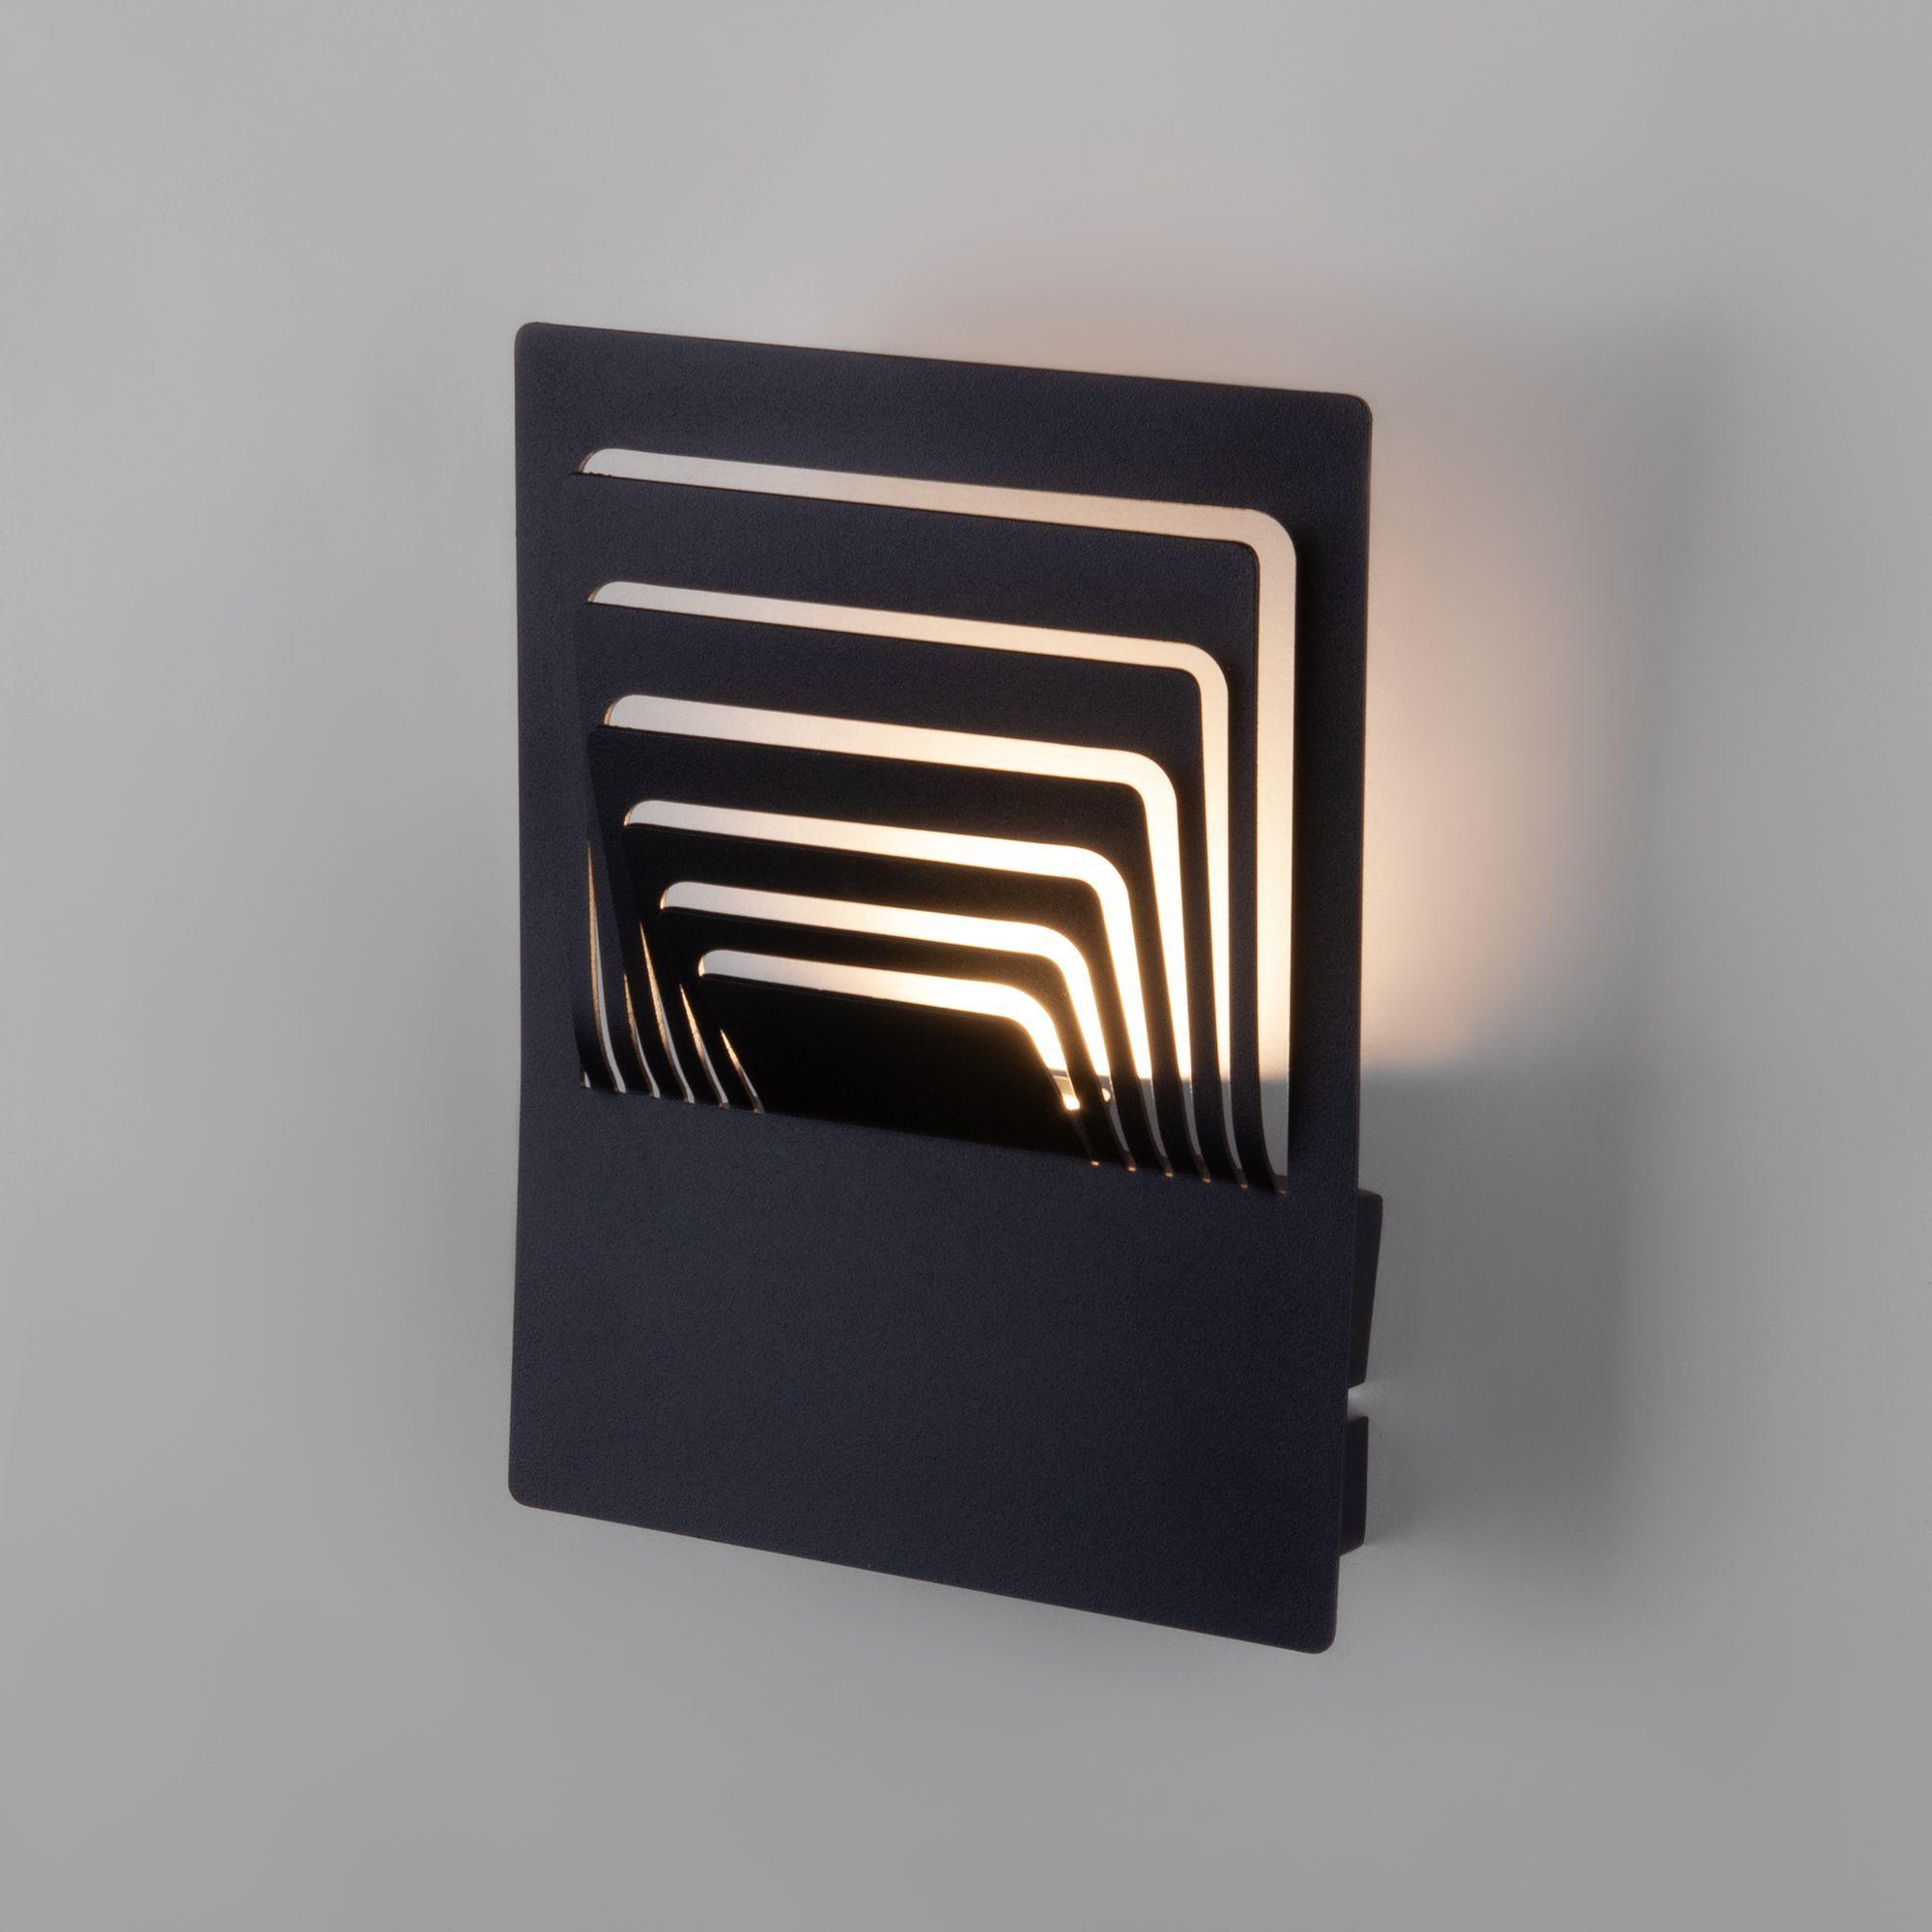 Настенный светодиодный светильник Onda LED чёрный MRL LED 1024